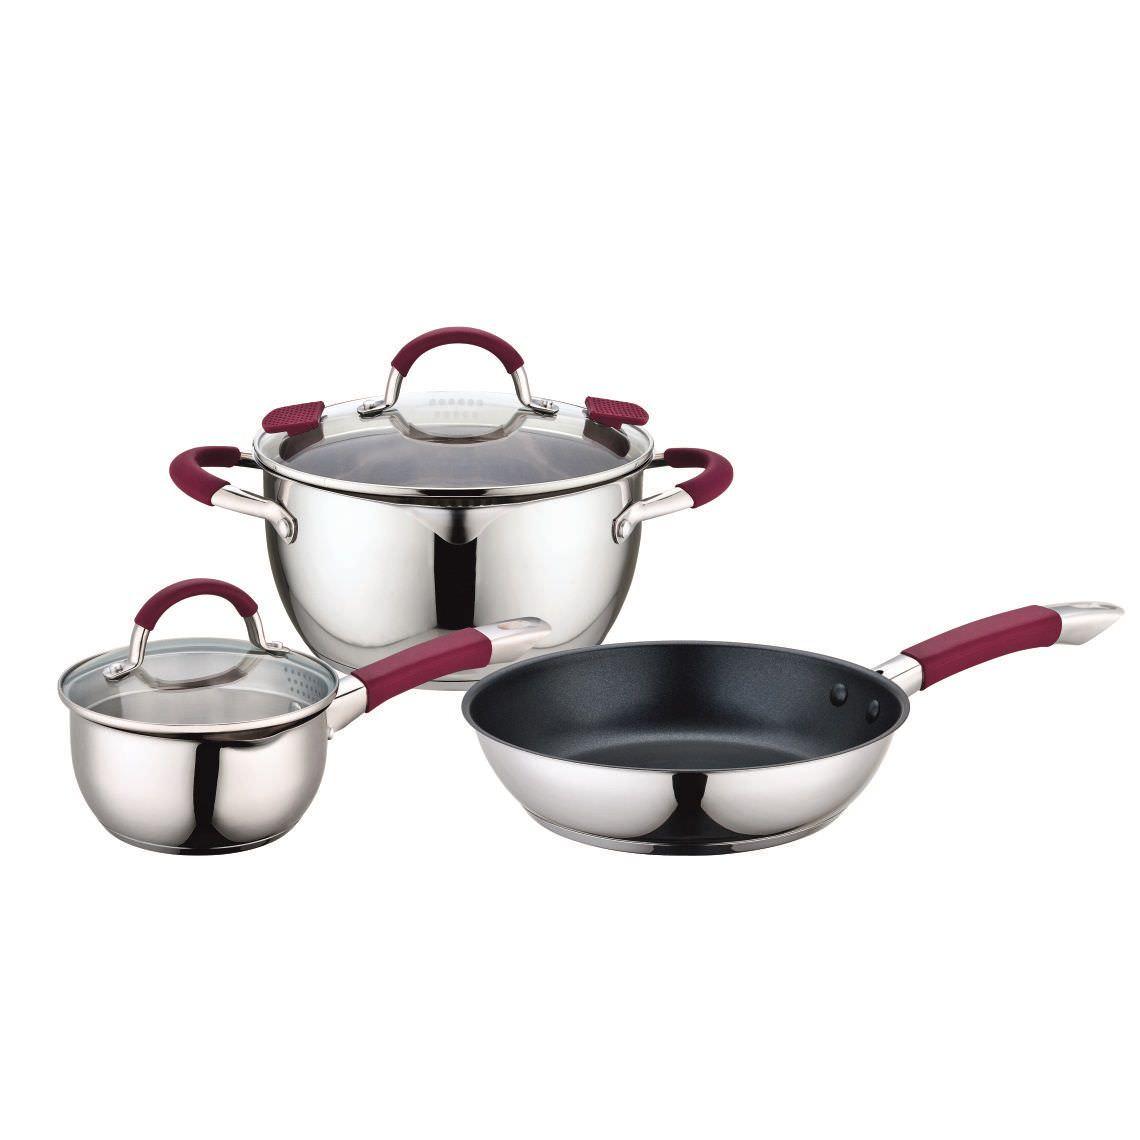 Набор посуды из нерж стали 5пр VALERI(ковш 16см,кастрюля22см,сковорода 24см)  64030/2